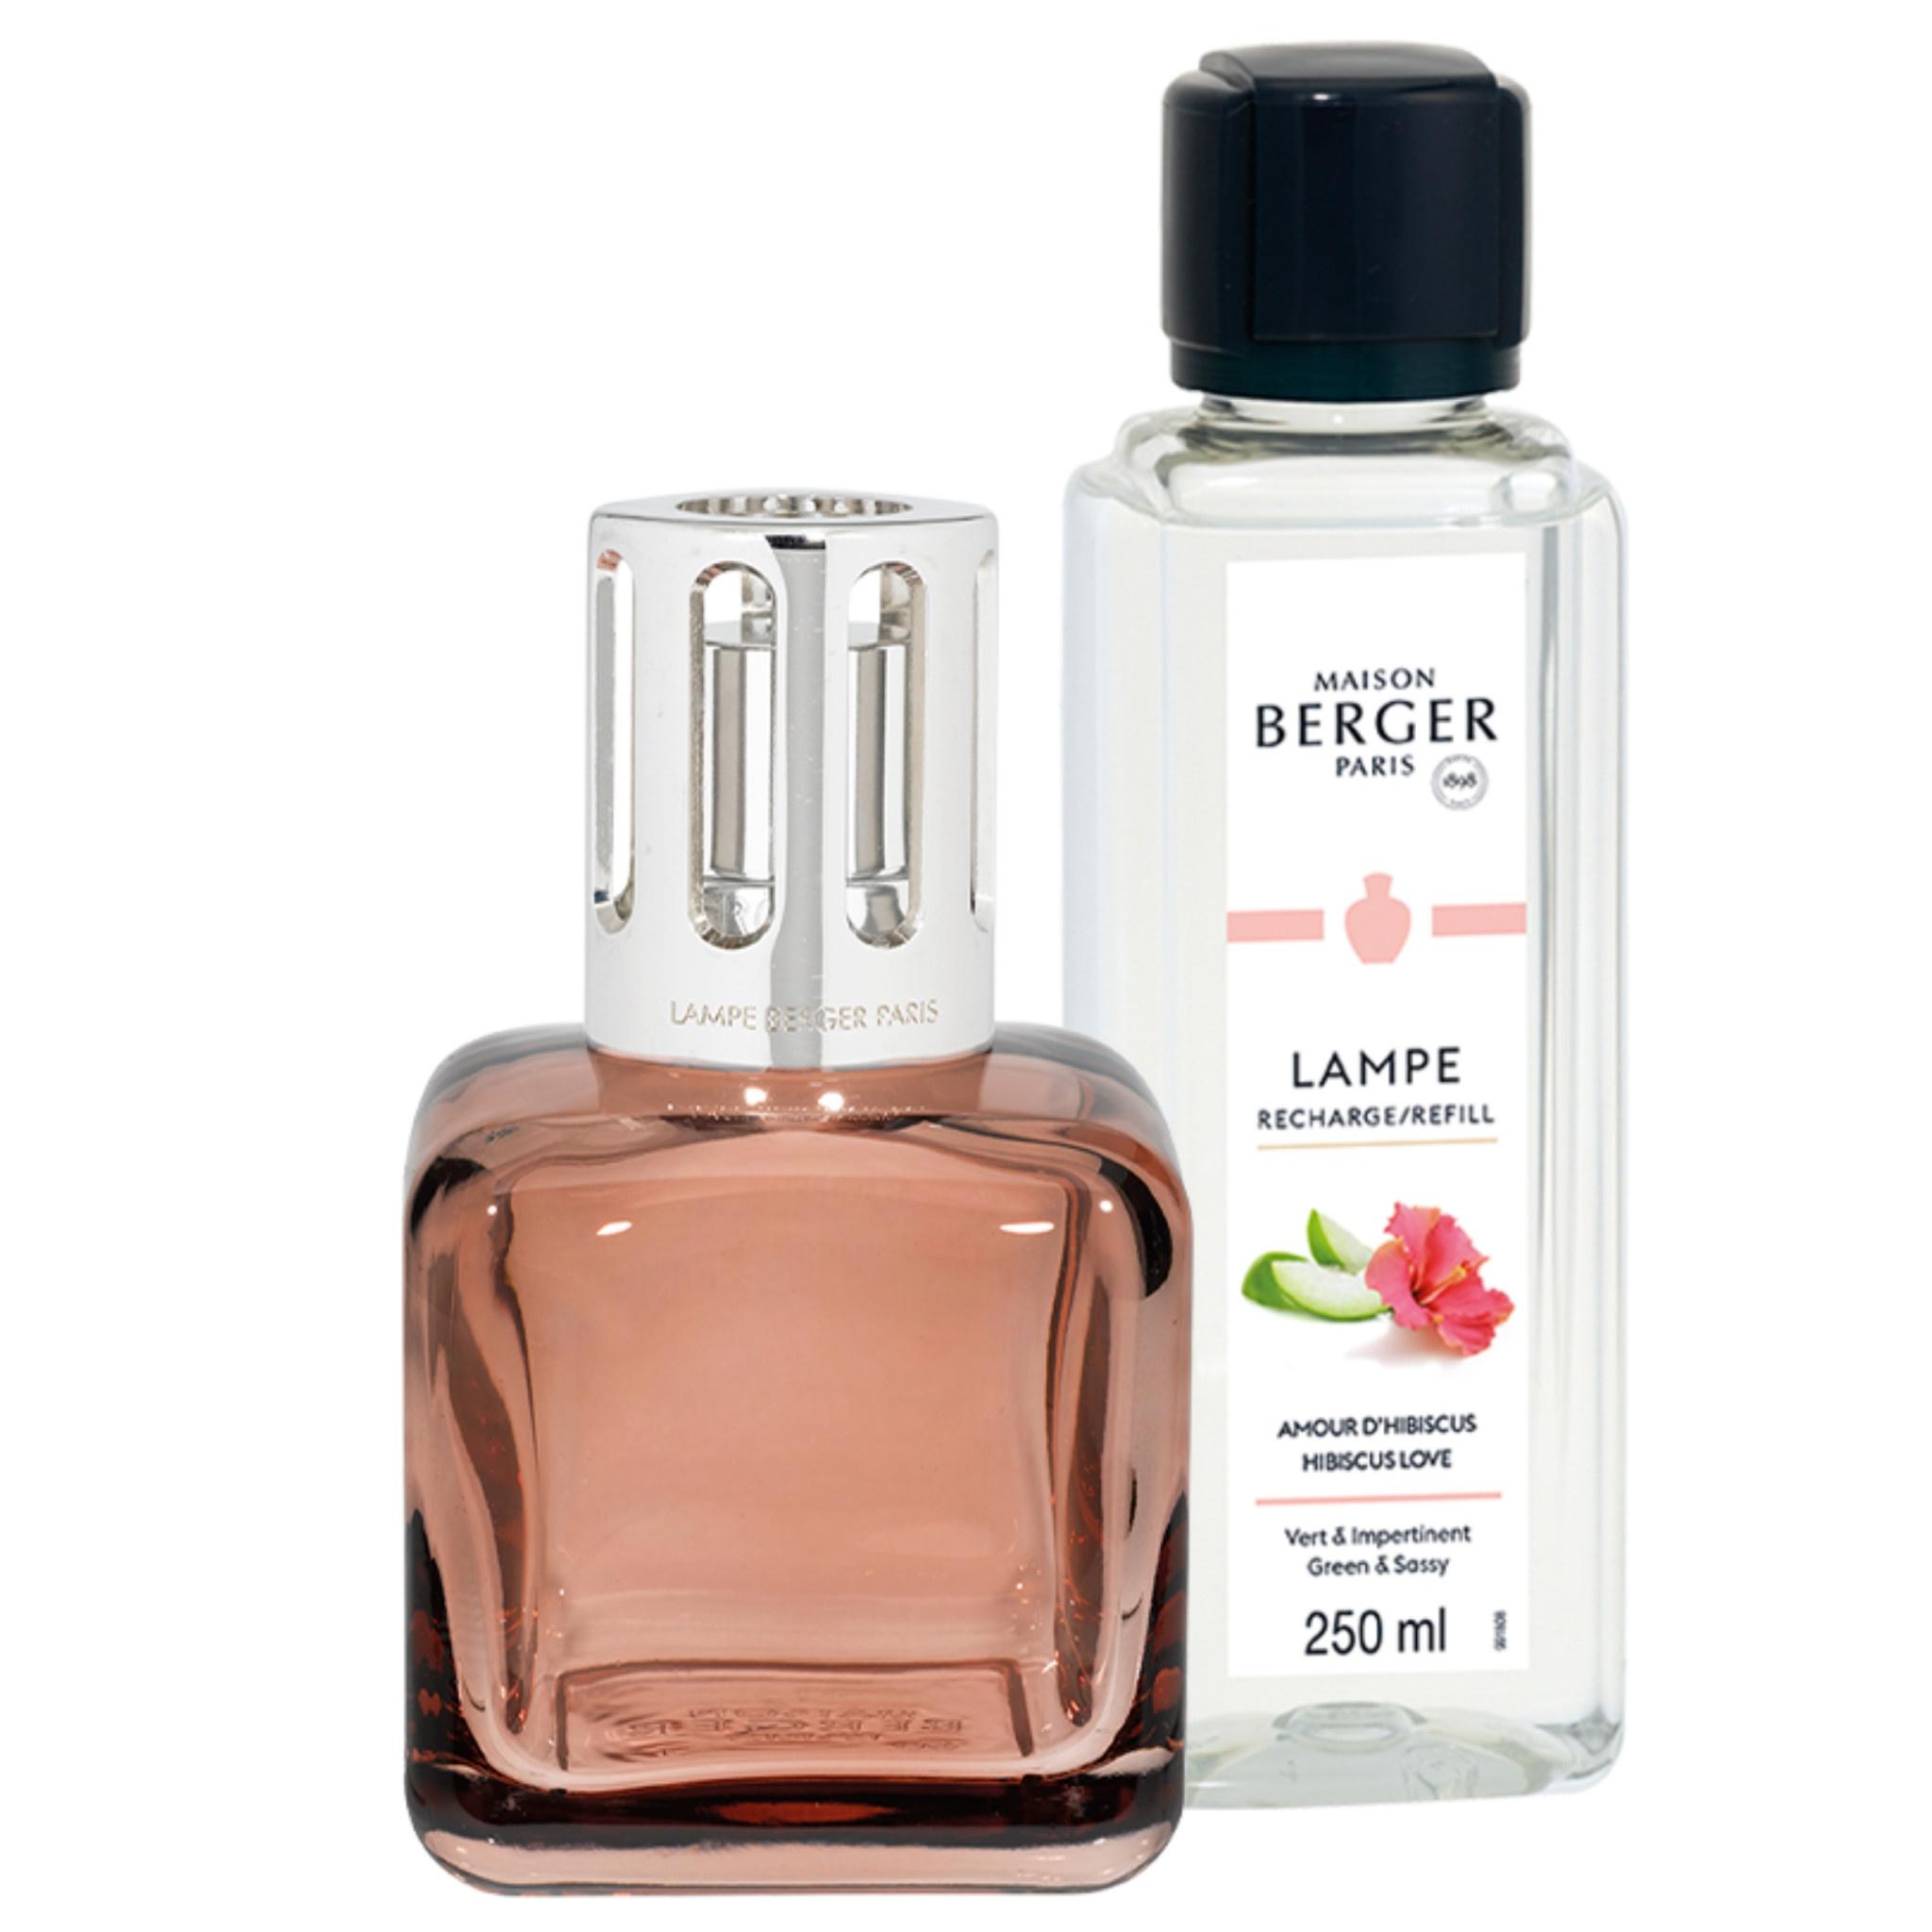 Lampe Berger Geurbrander - Glaçon - Rose Ambré